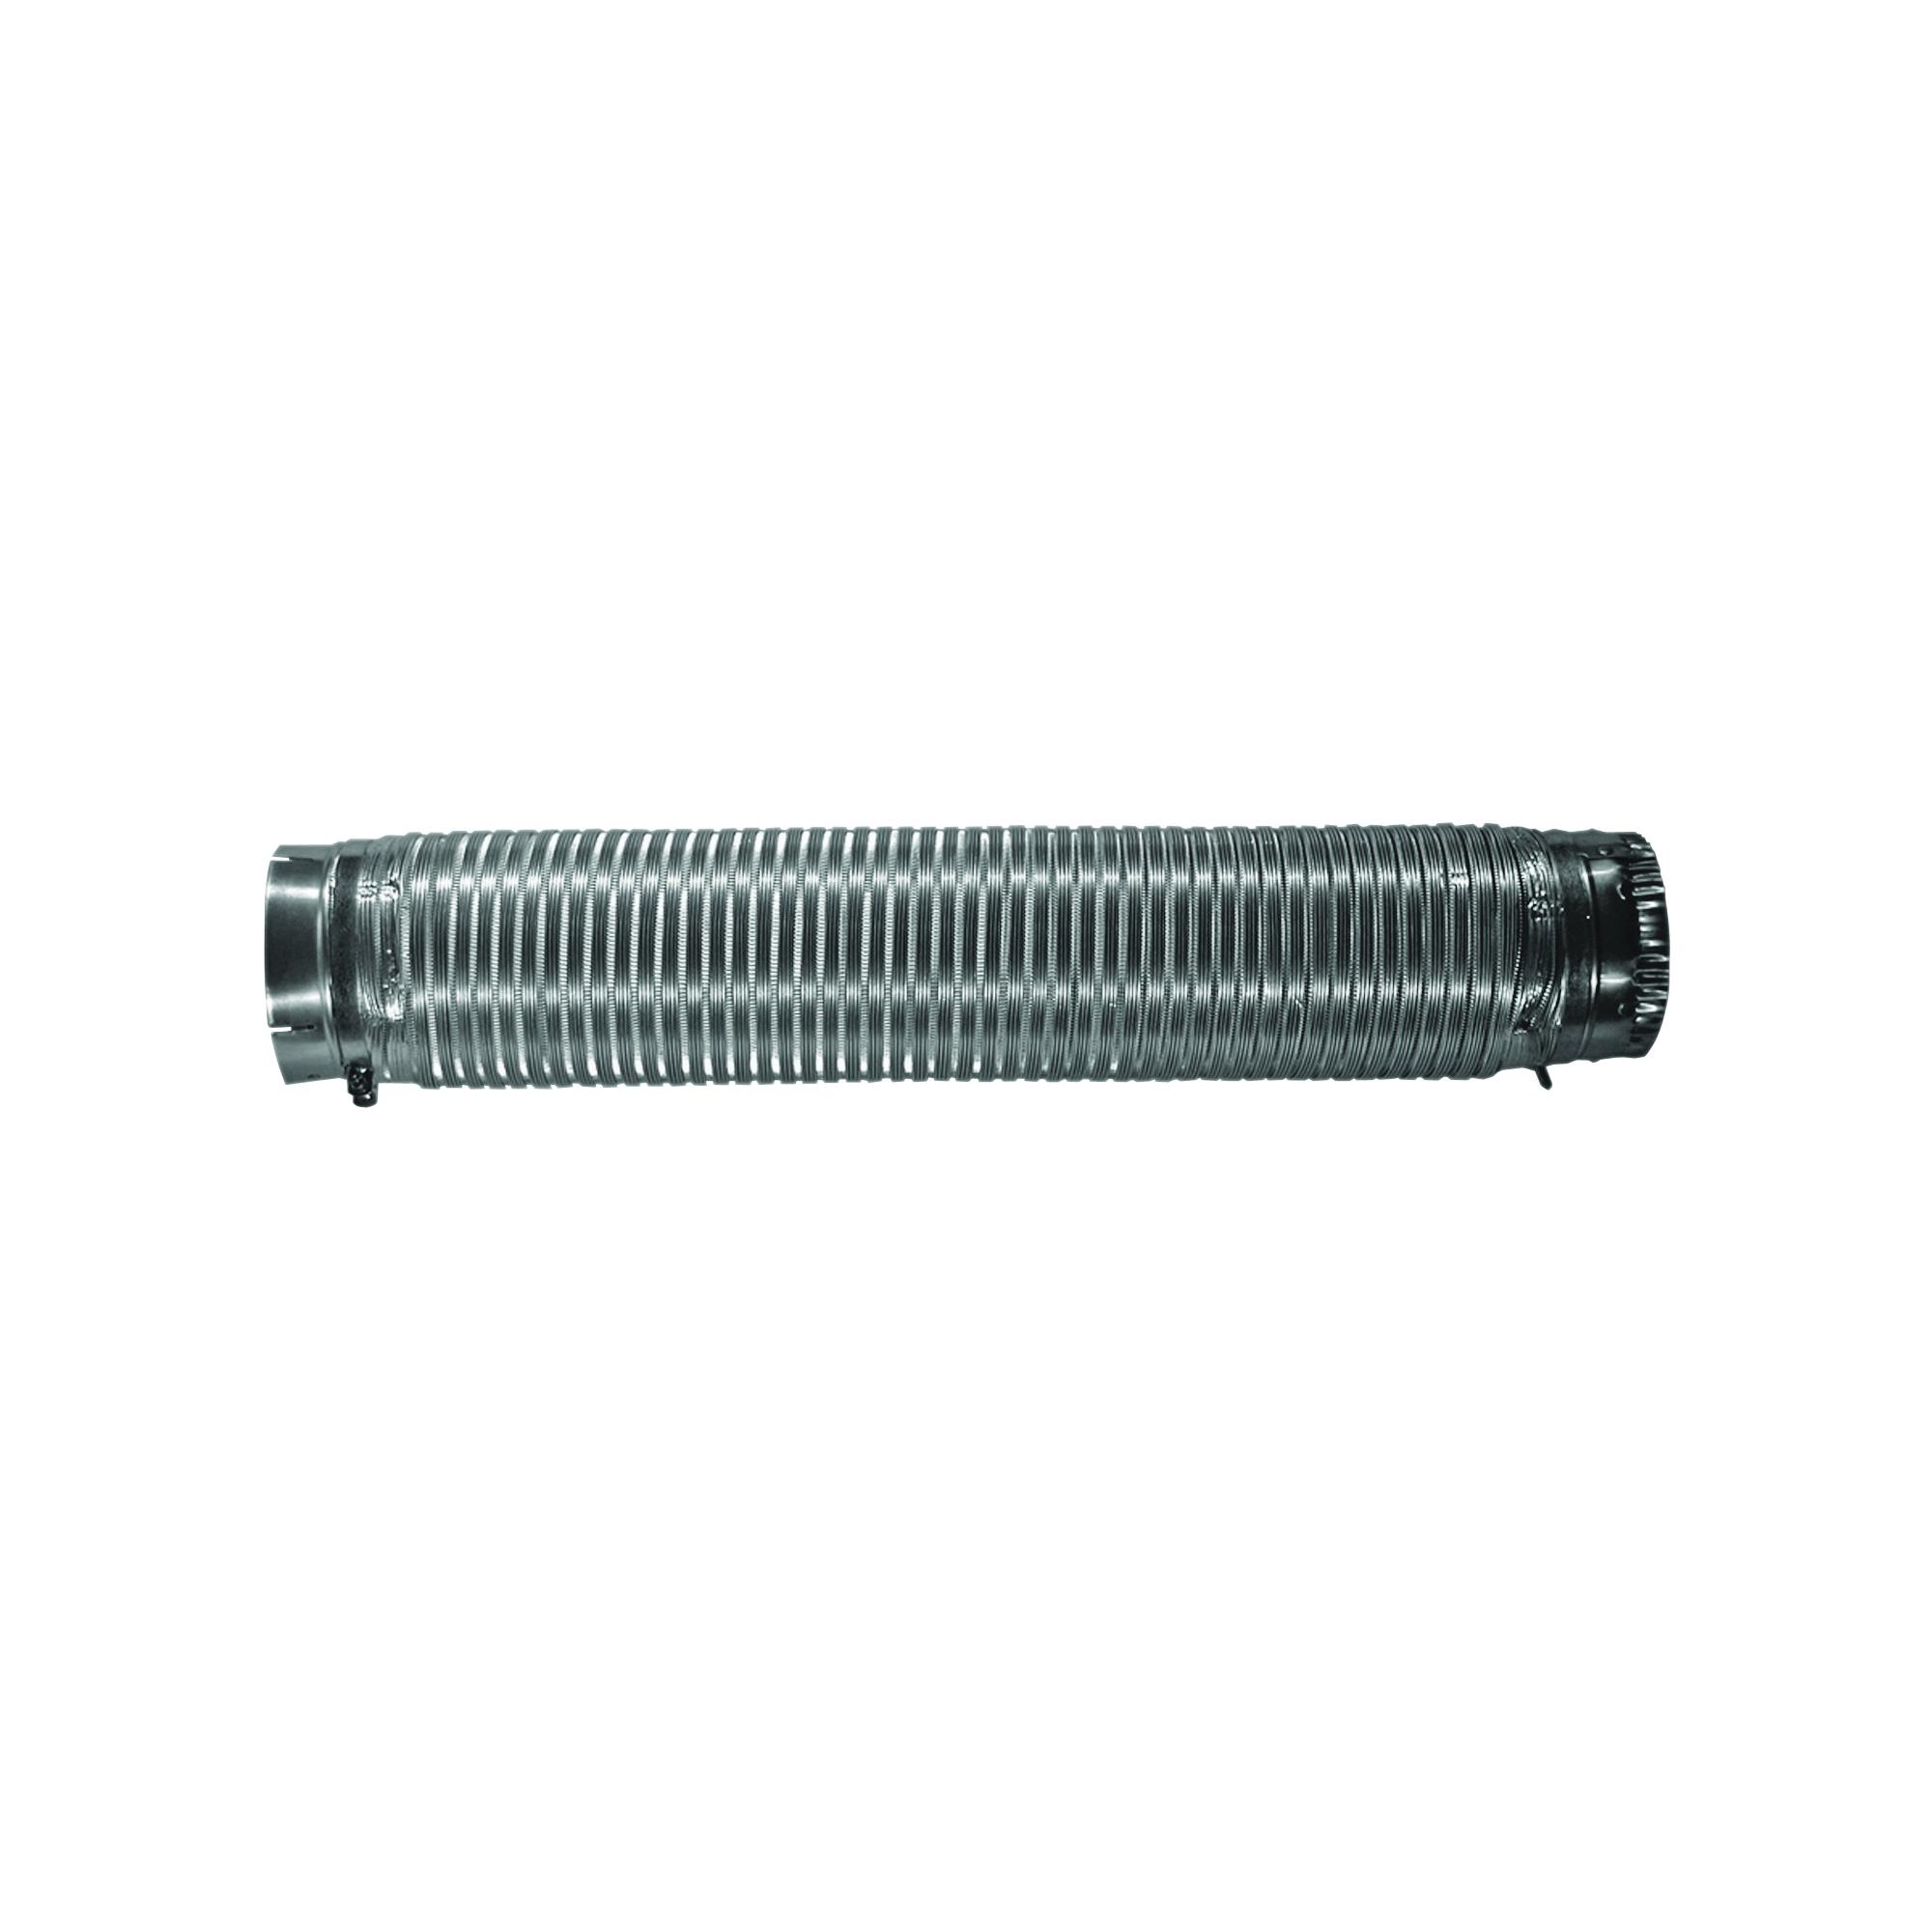 Picture of BUILDER'S BEST 110129 Semi-Rigid Dryer Vent Pipe Snap-Lock, 6 ft L, Aluminum